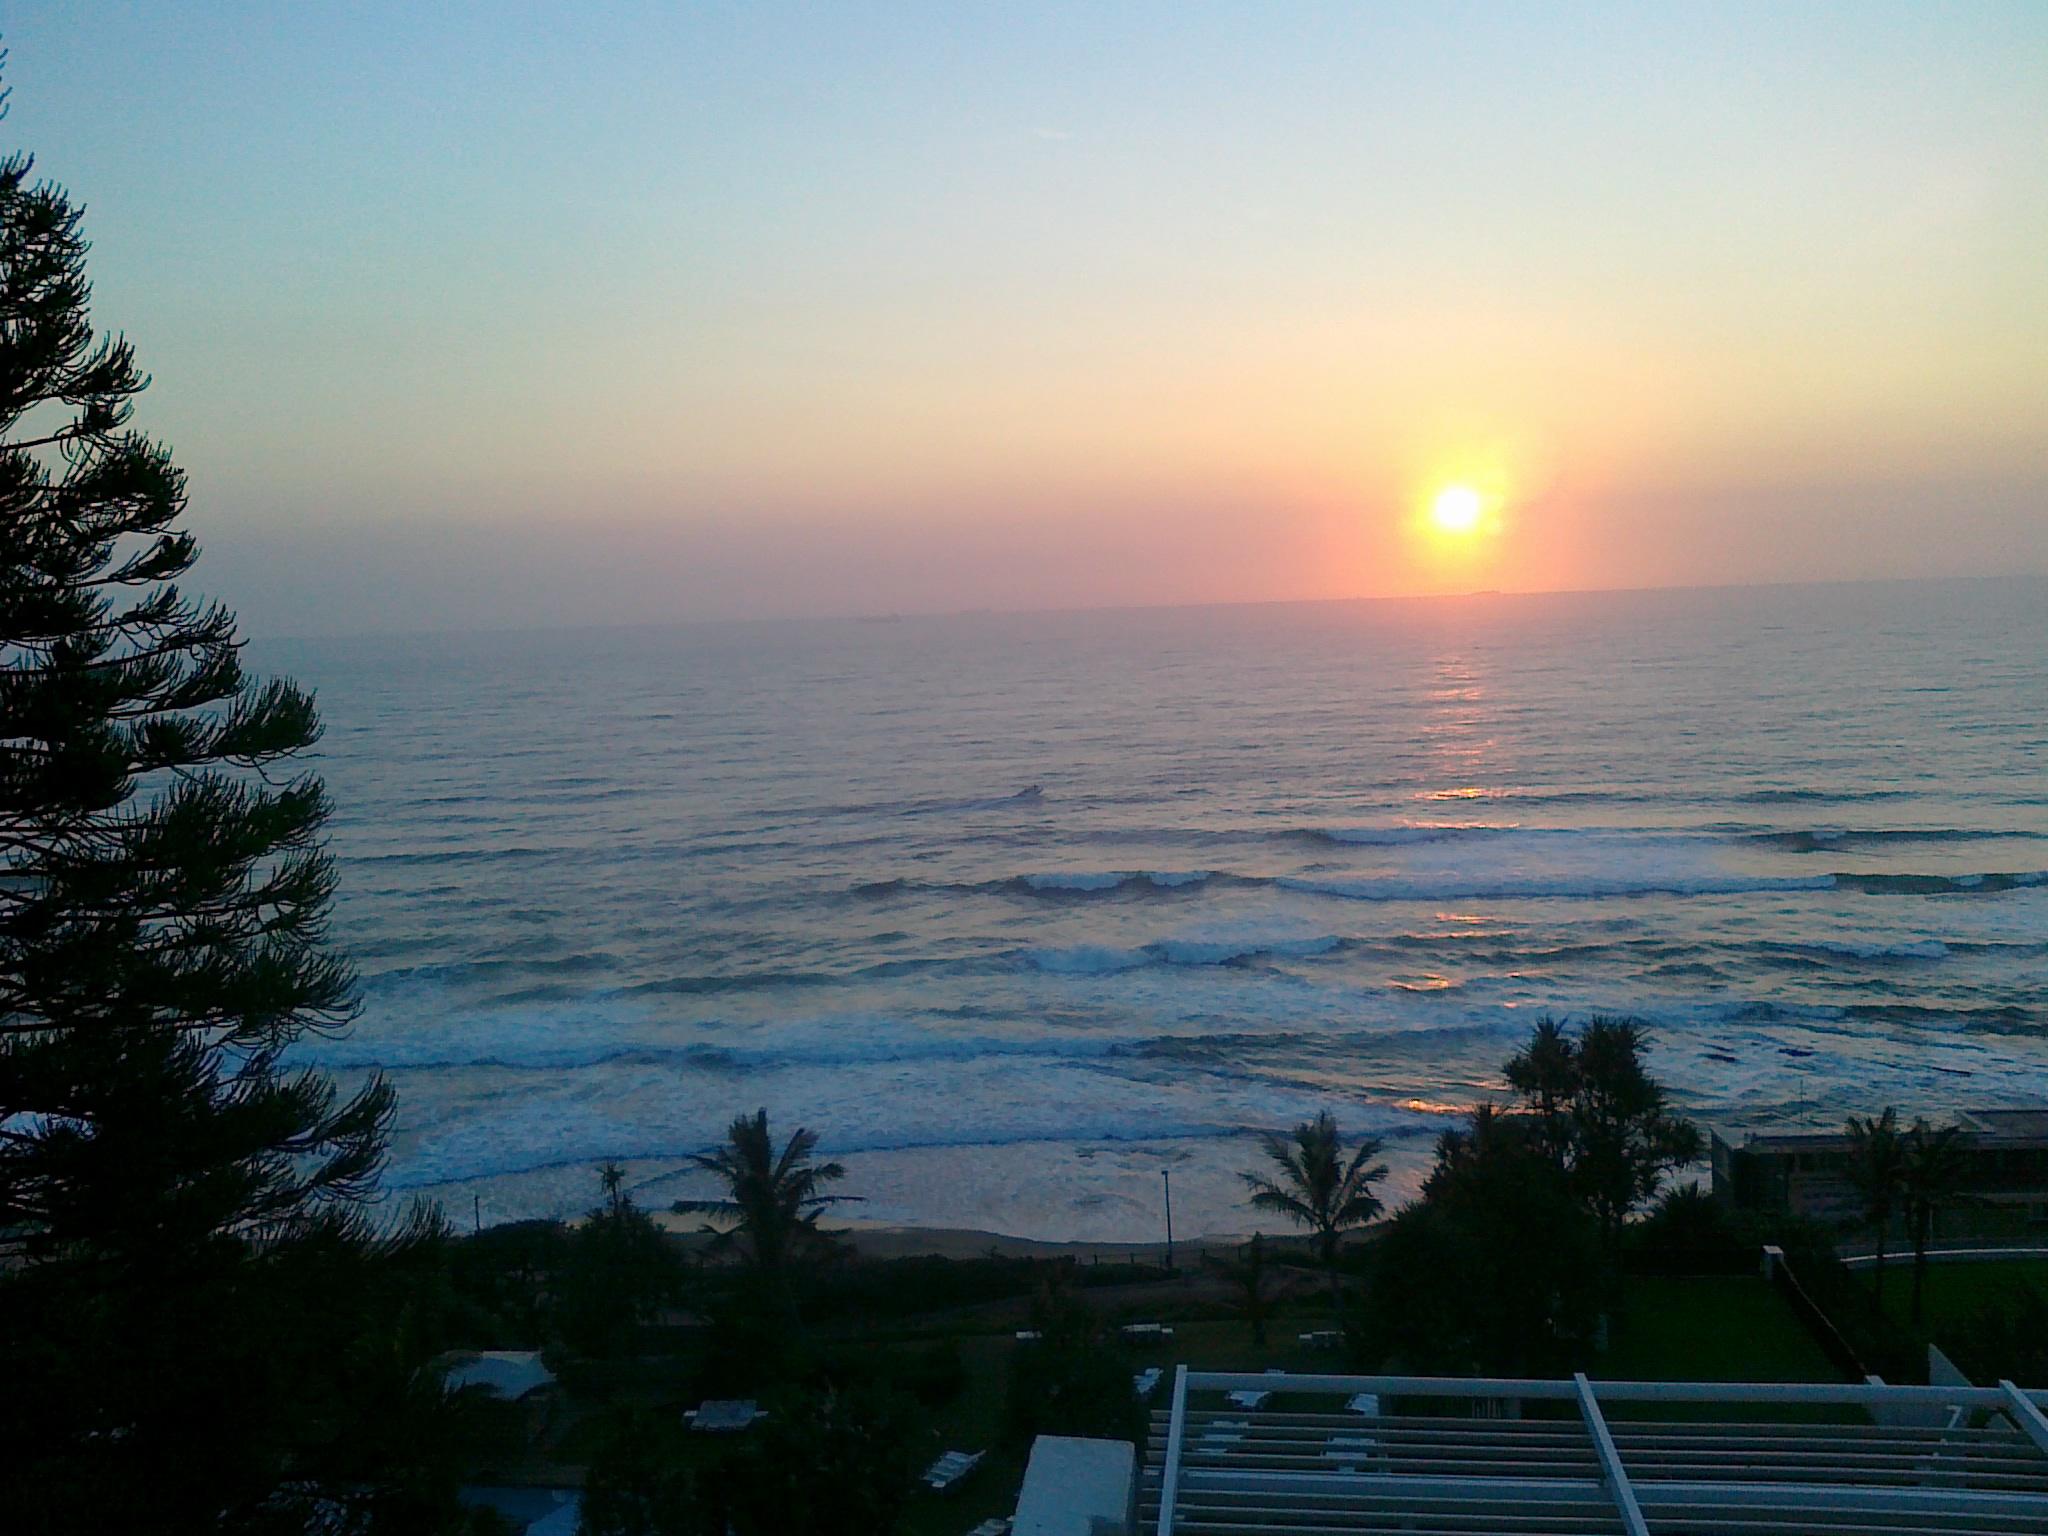 Sonnenaufgang am indischen Ozean